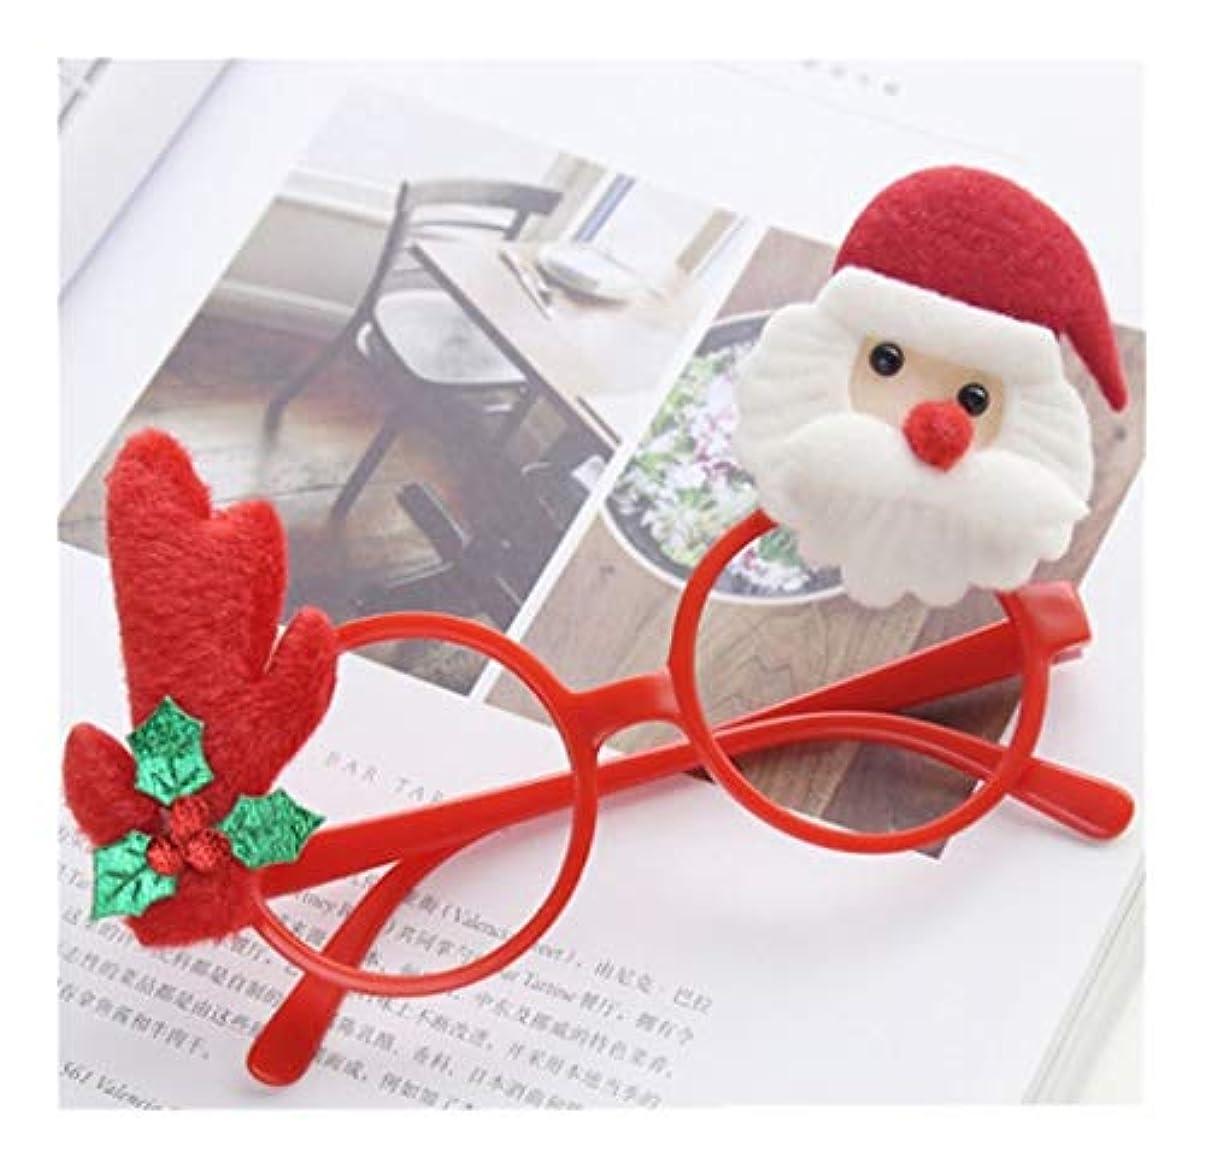 蒸留するコースジョグクリスマスギフトクリスマスは、クリスマスは(利用可能な4つのスタイル)消耗品まで創造的な漫画のヘラジカメガネ休日のドレスを装飾フレーム子供のヘアアクセサリーメガネ (スタイル : 4#)